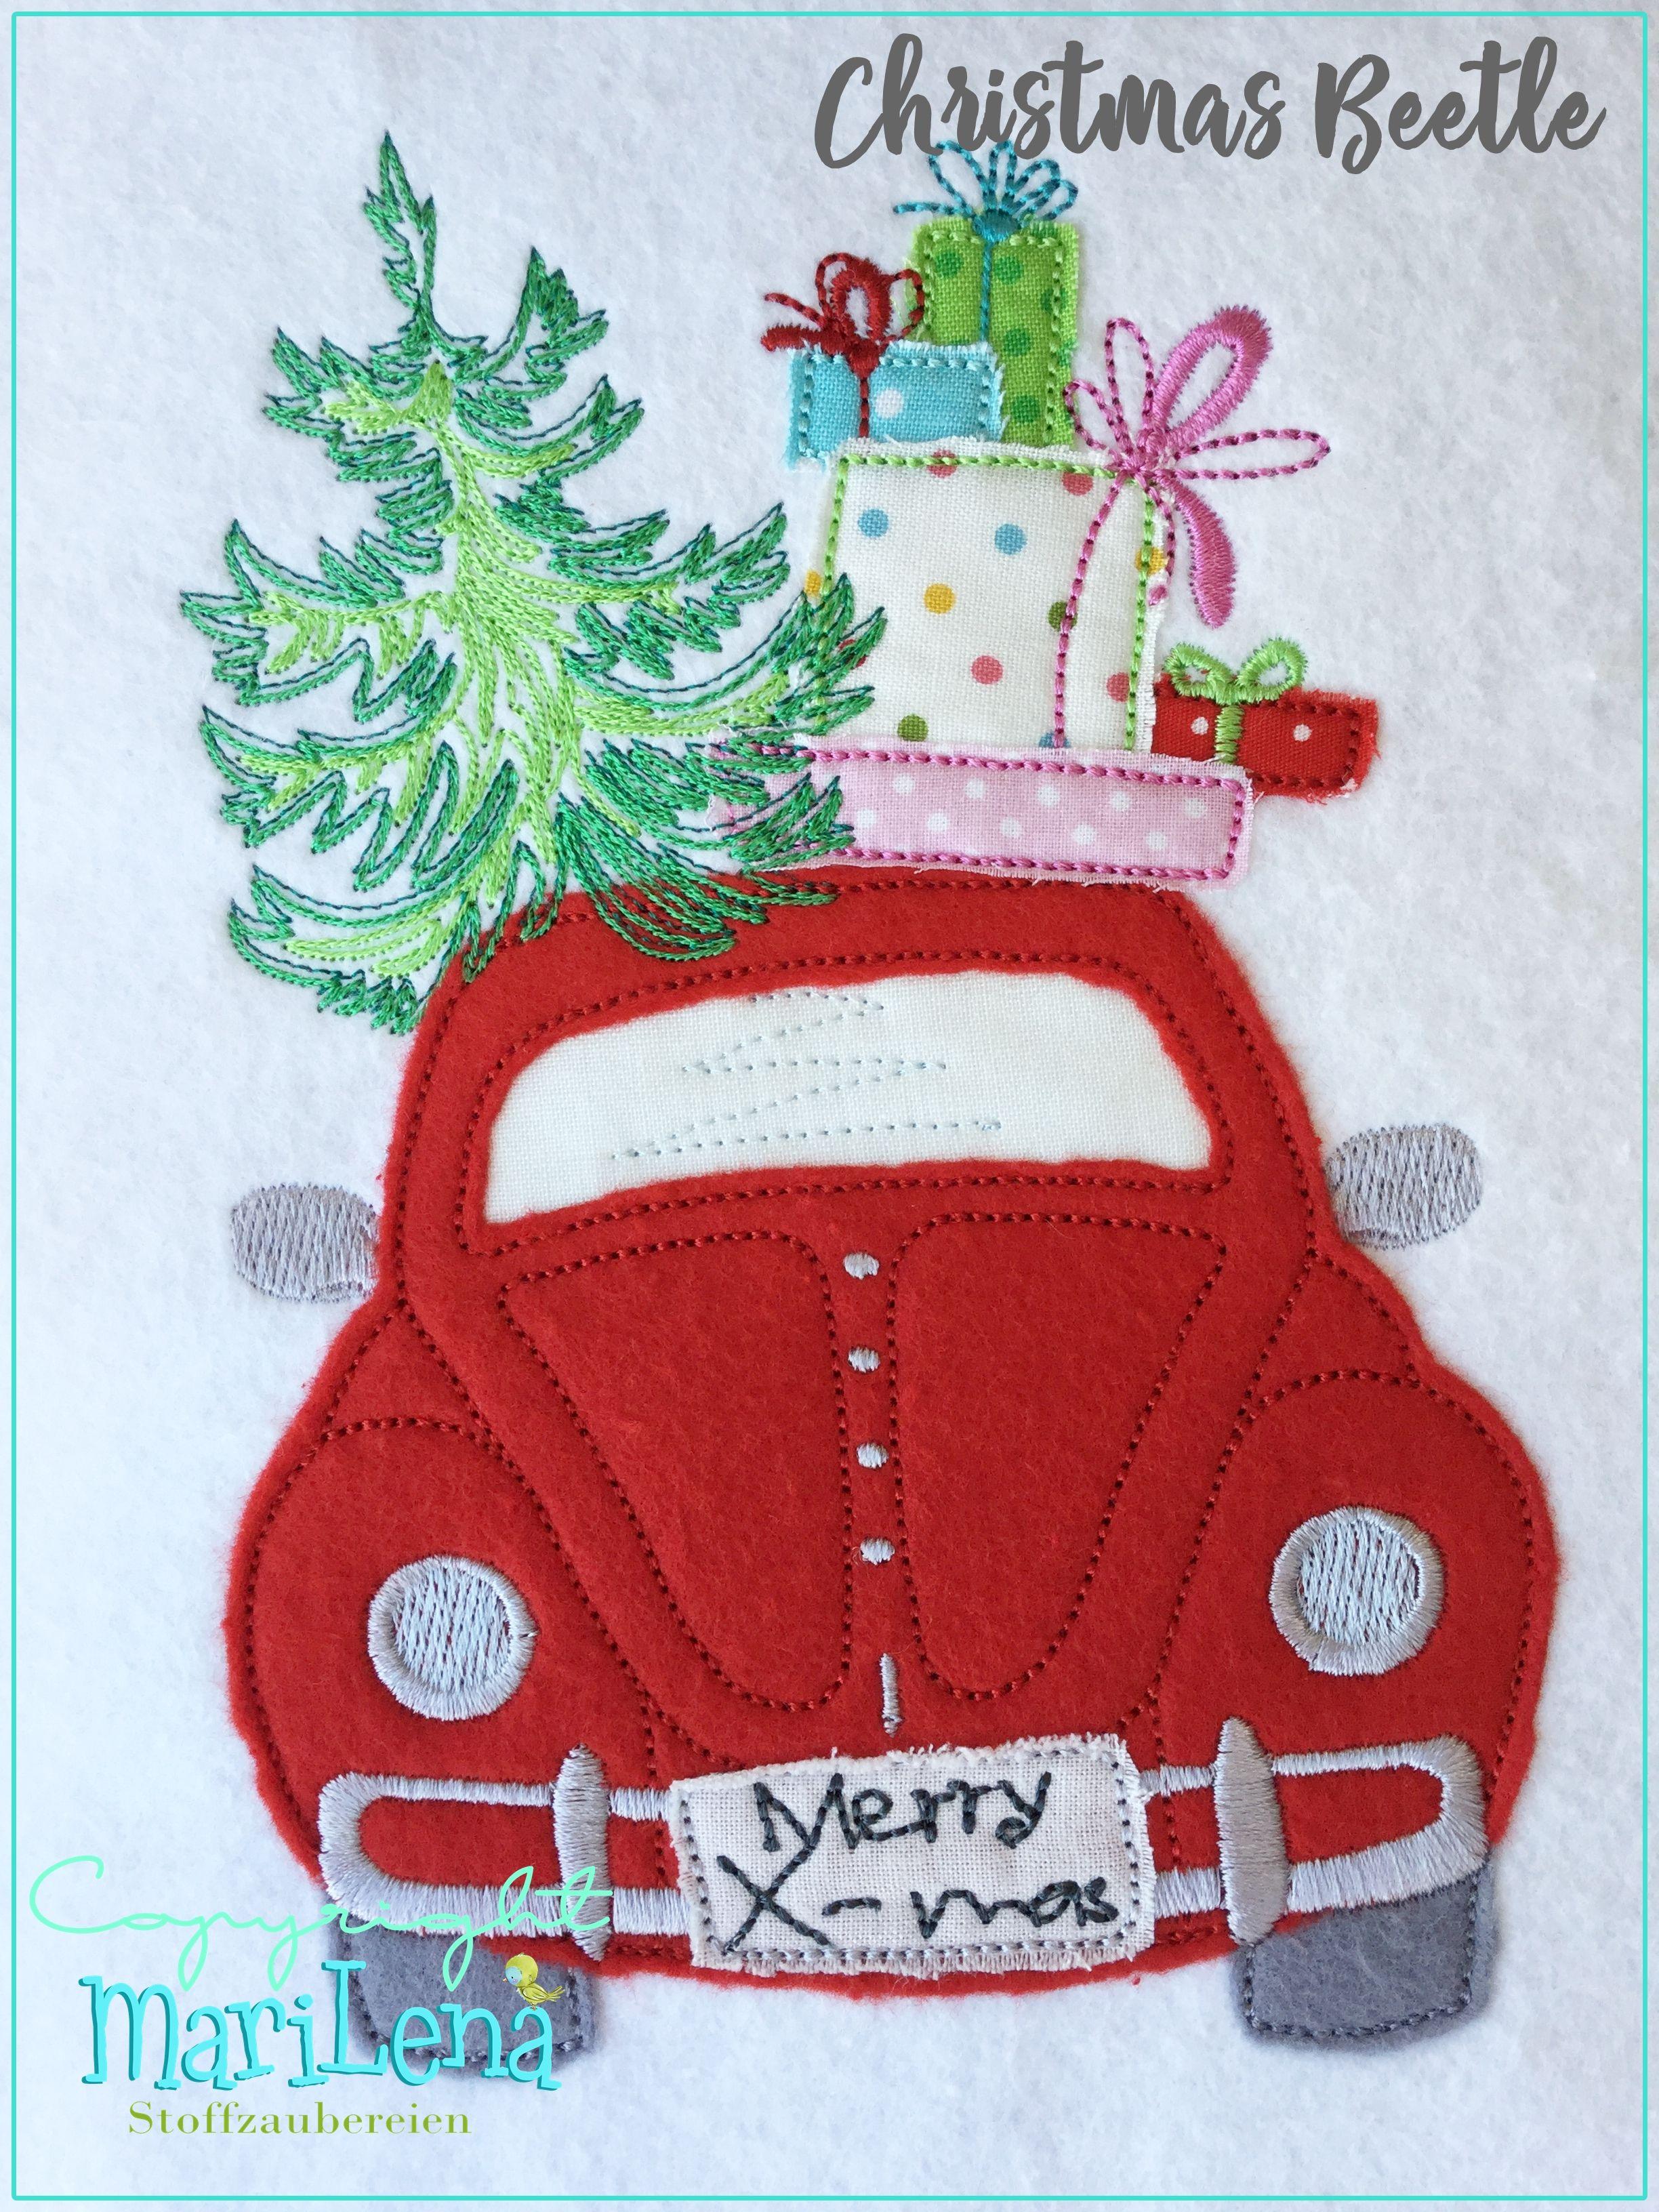 stickdatei weihnachtsbeetle mit tannenbaum und geschenken